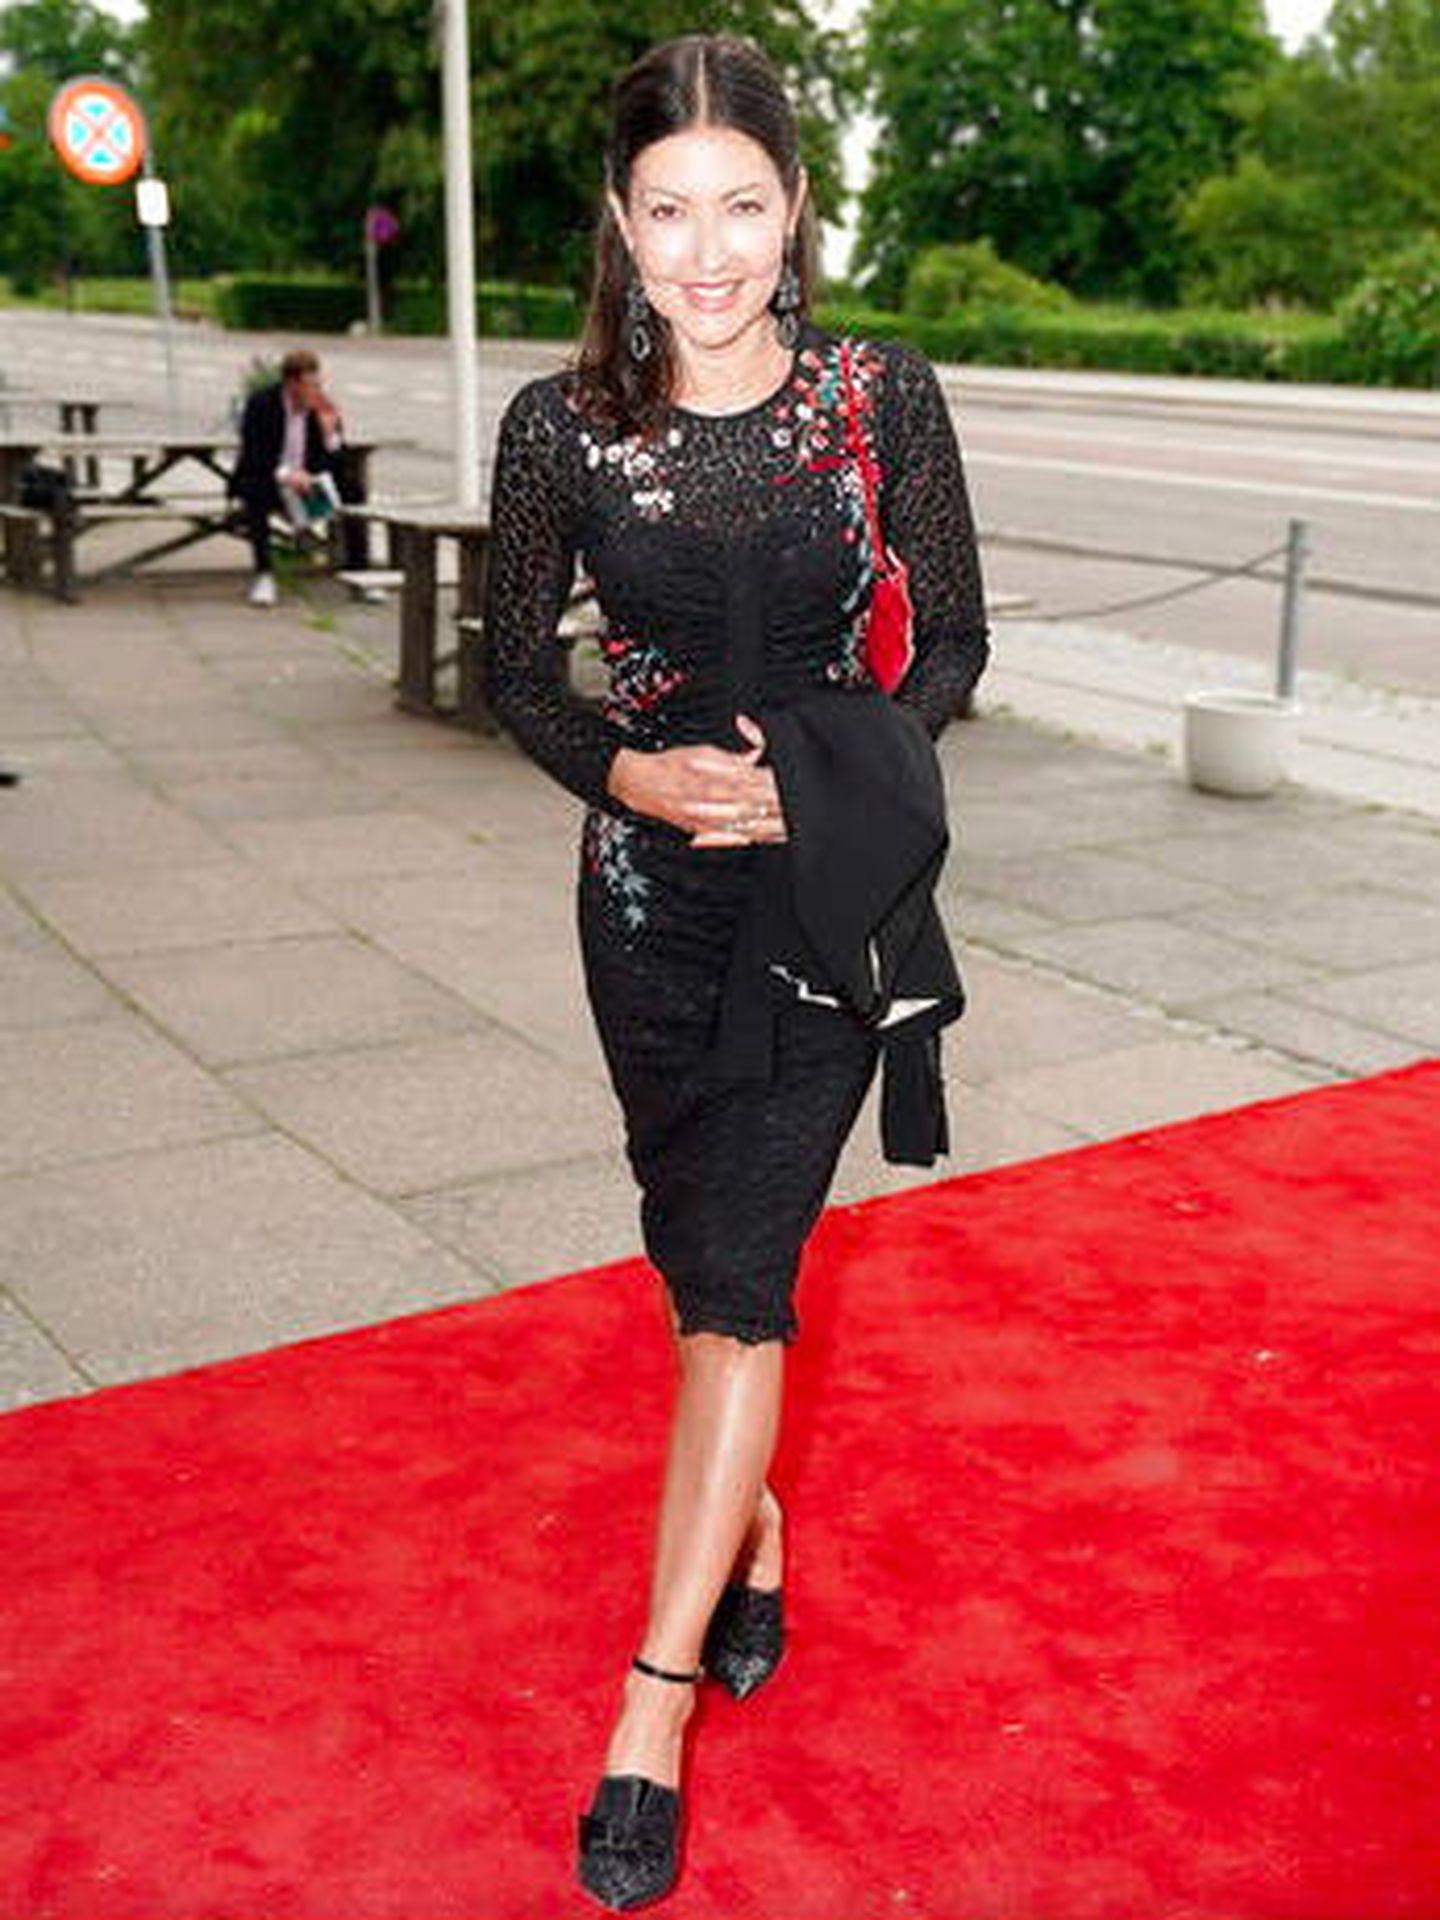 Alexandra Manley, en el 50º cumpleaños del príncipe Joaquín. (Casa Real danesa)